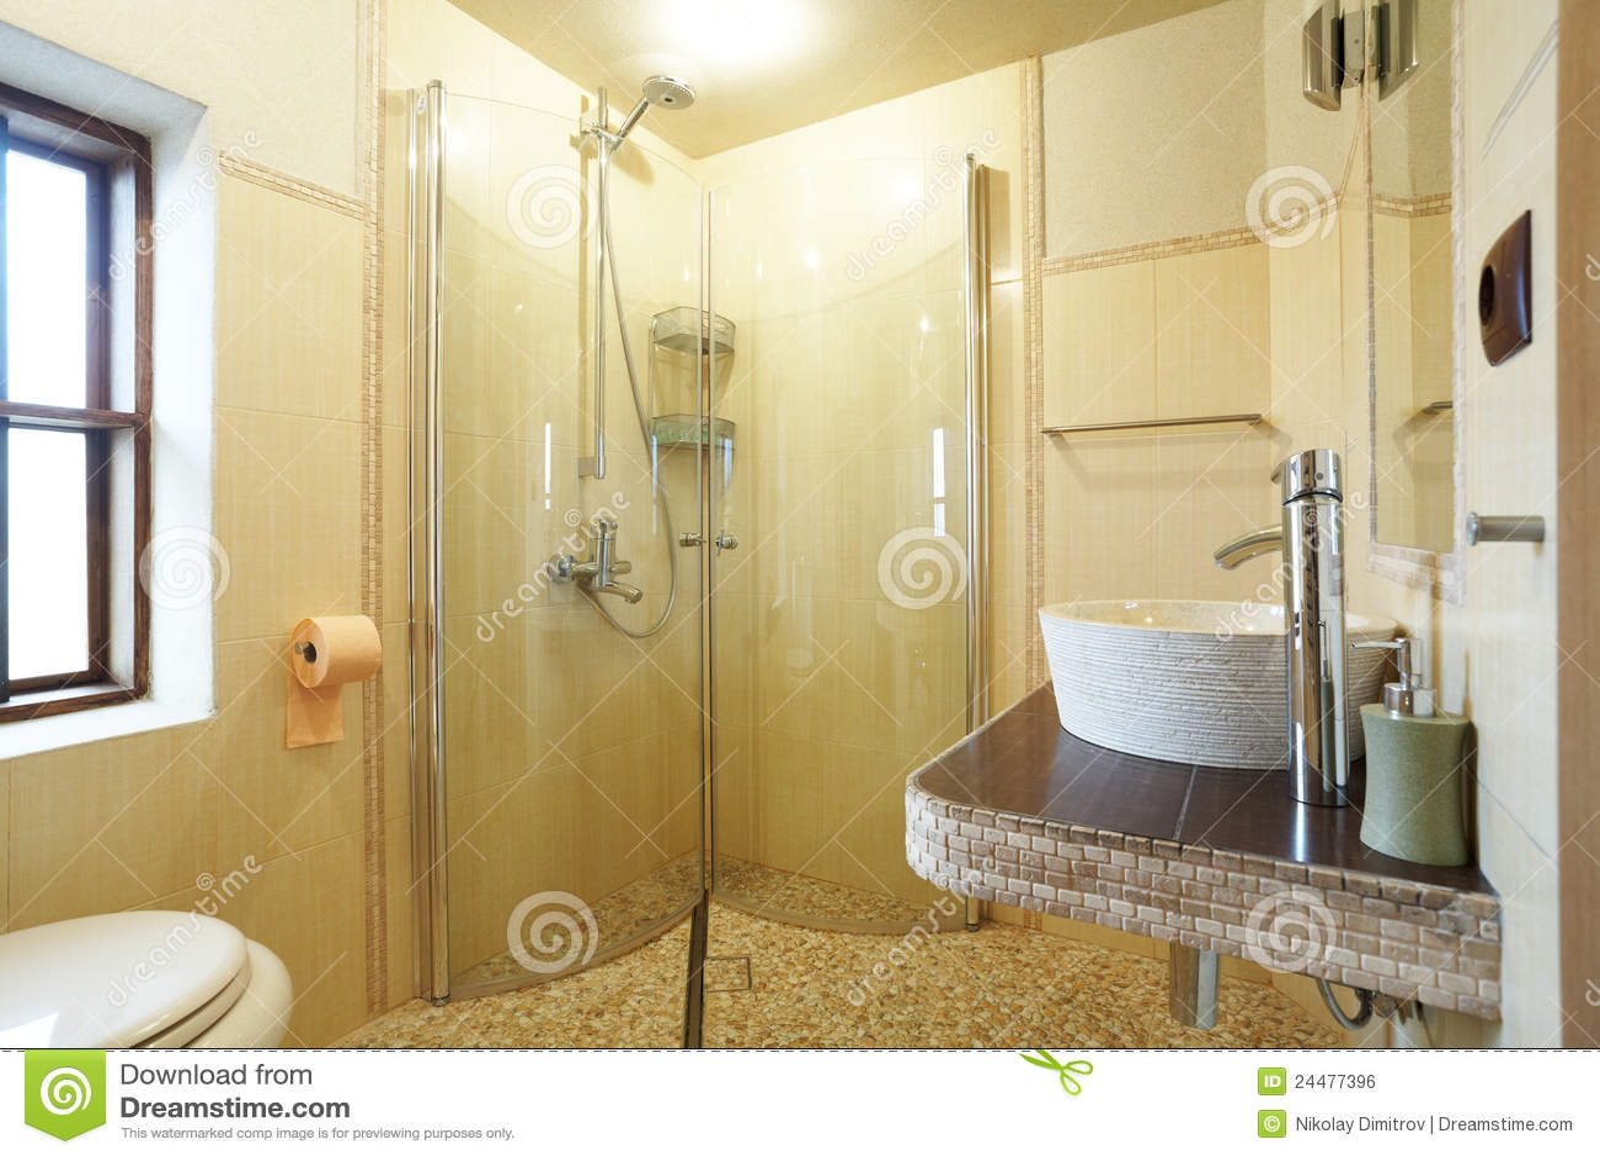 cuartos de bao en de bao amarillo moderno imagen de archivo libre de regalas cuartos de bao en amarillo with cuartos de bao modernos fotos